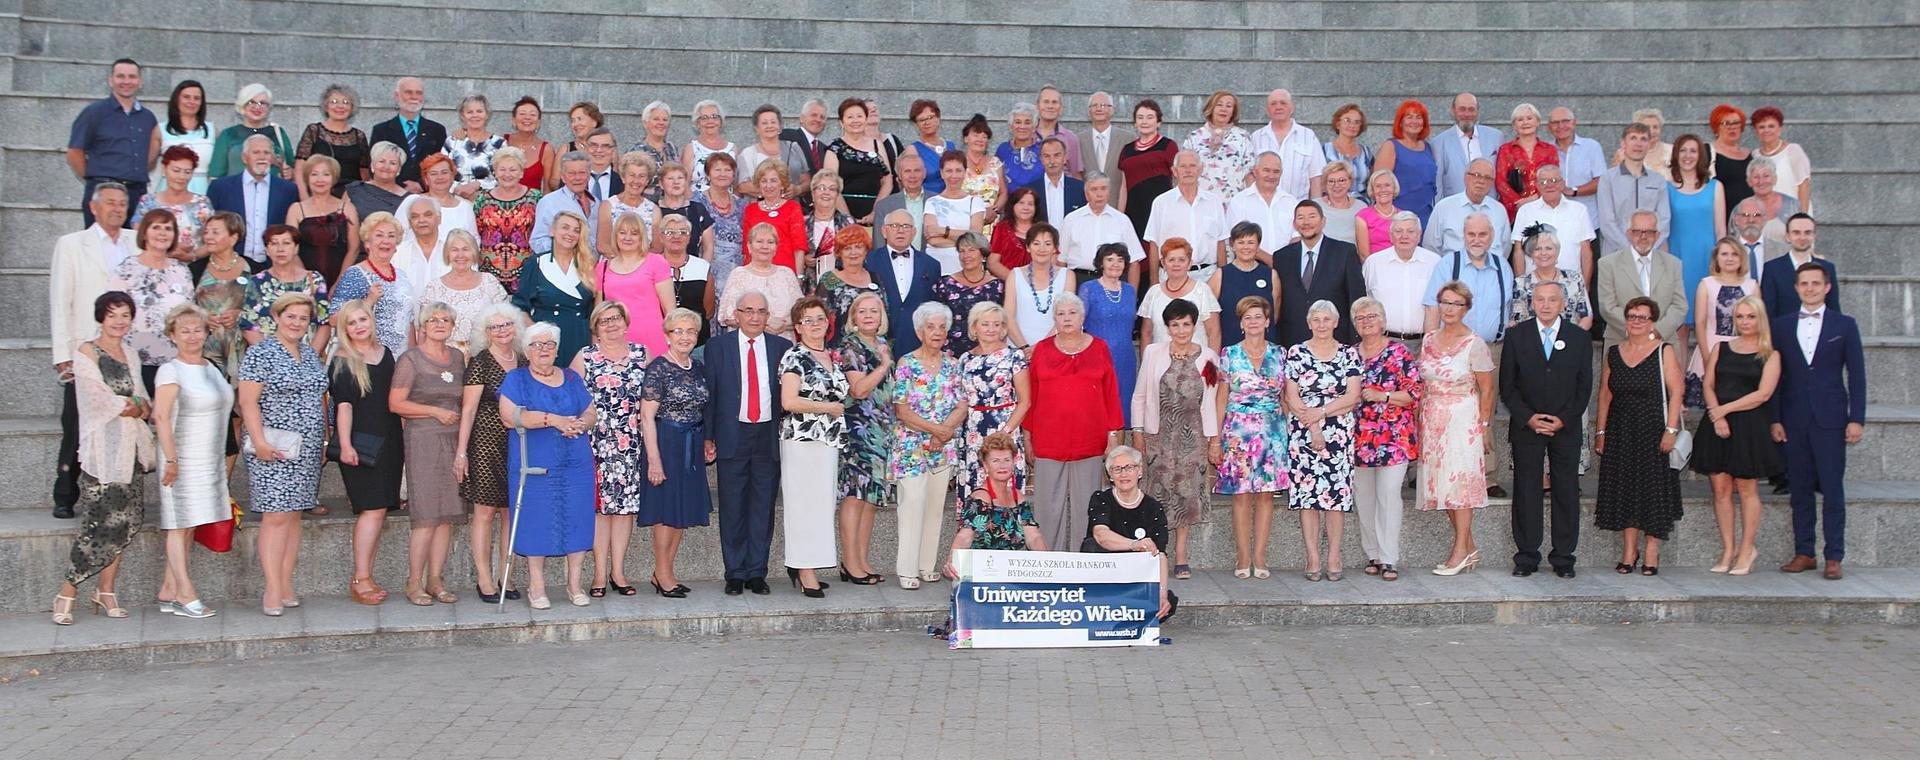 Uniwersytet Każdego Wieku w Wyższej Szkole Bankowej w Bydgoszczy świętuje 10-lecie powstania.